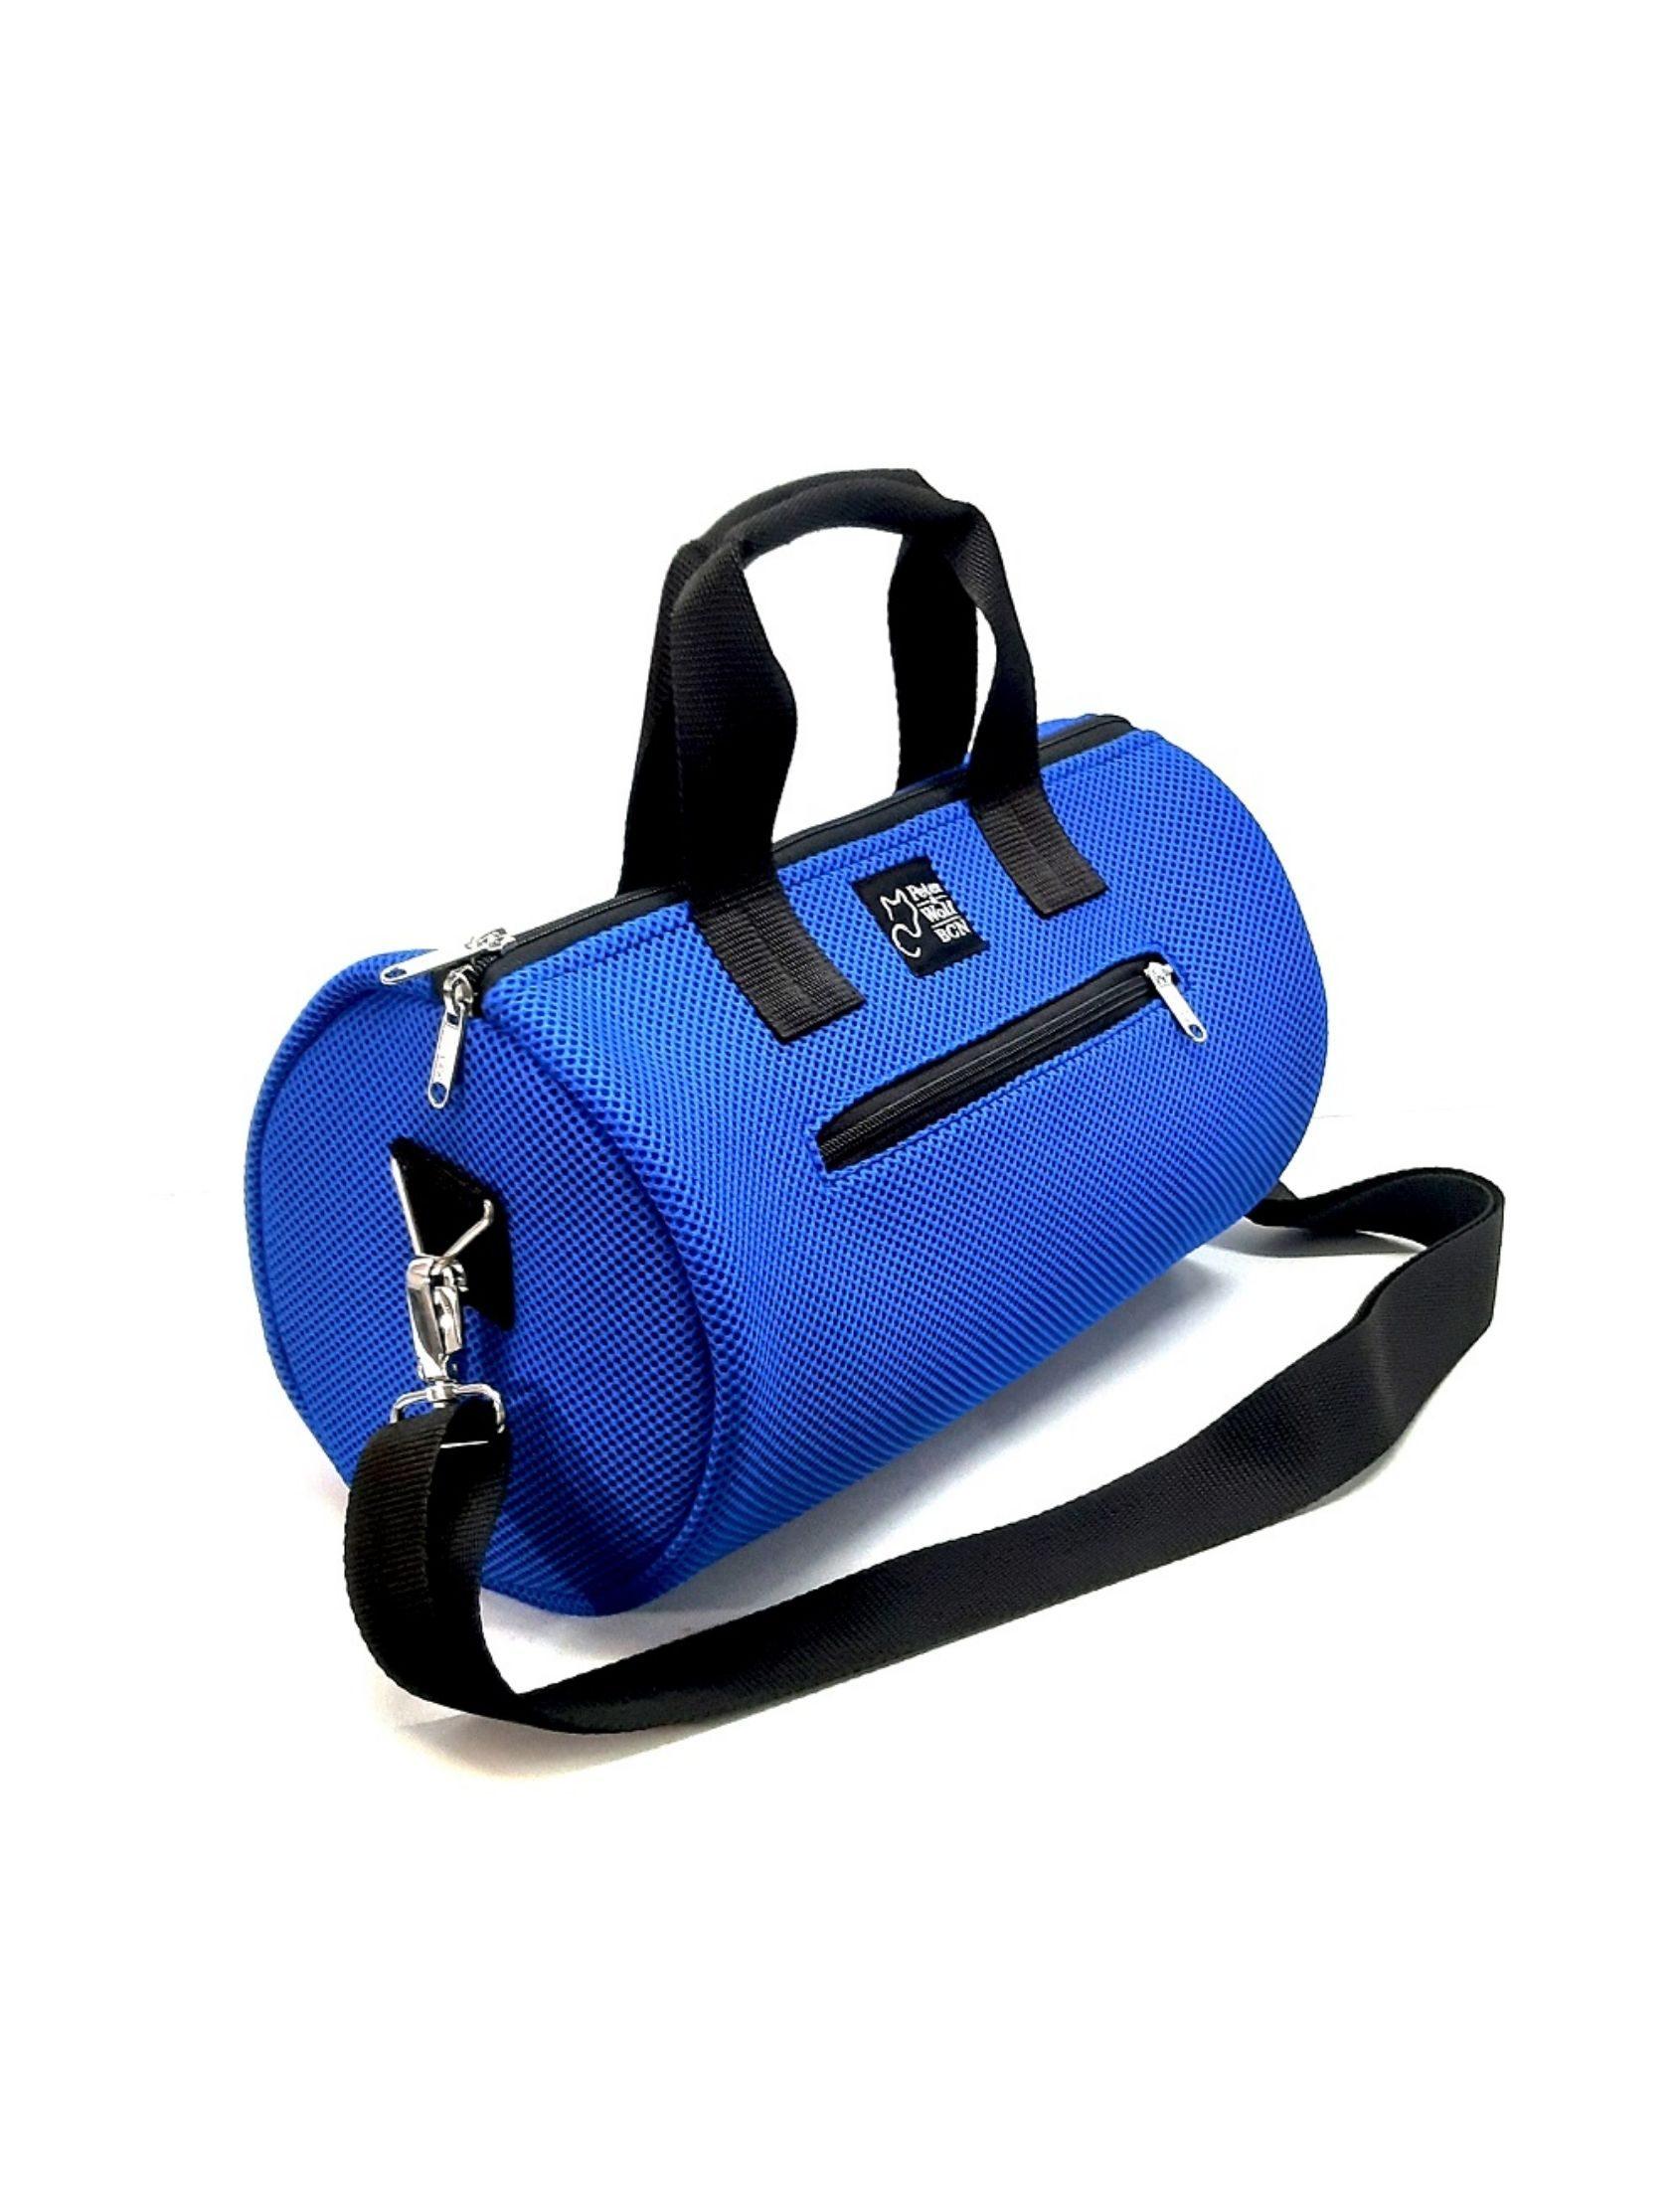 bolso de deporte con asa corta y bandolera en color azul cobalto de peter&Wolf Barccelona